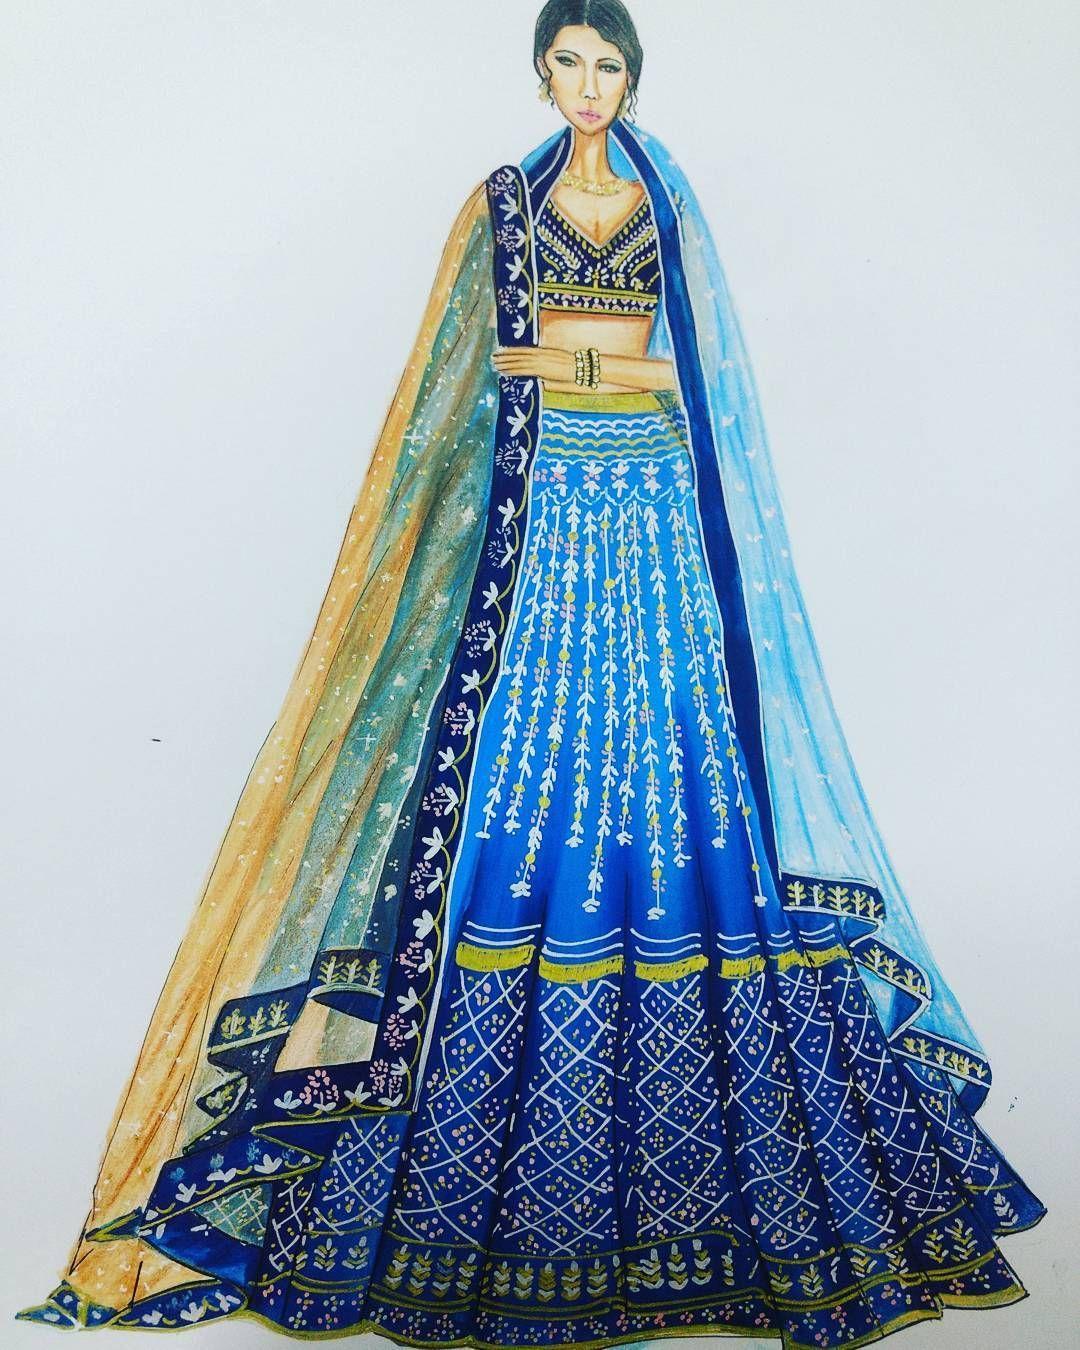 Indian Bridal Wear Illustrationart Illustrator Illustration Illustrations Ill Fashion Illustration Sketches Dresses Dress Design Sketches Dress Sketches